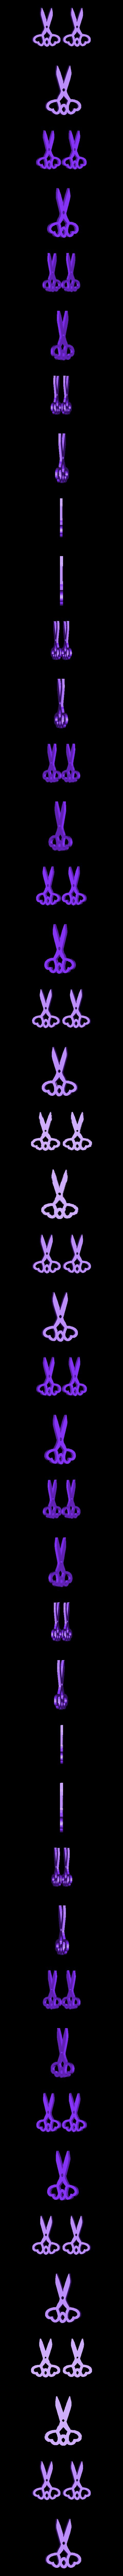 ciseaux-avec-des-coeurs boucle d'oreille et pendentif.stl Download STL file earring and scissors pendant • 3D printing model, catf3d